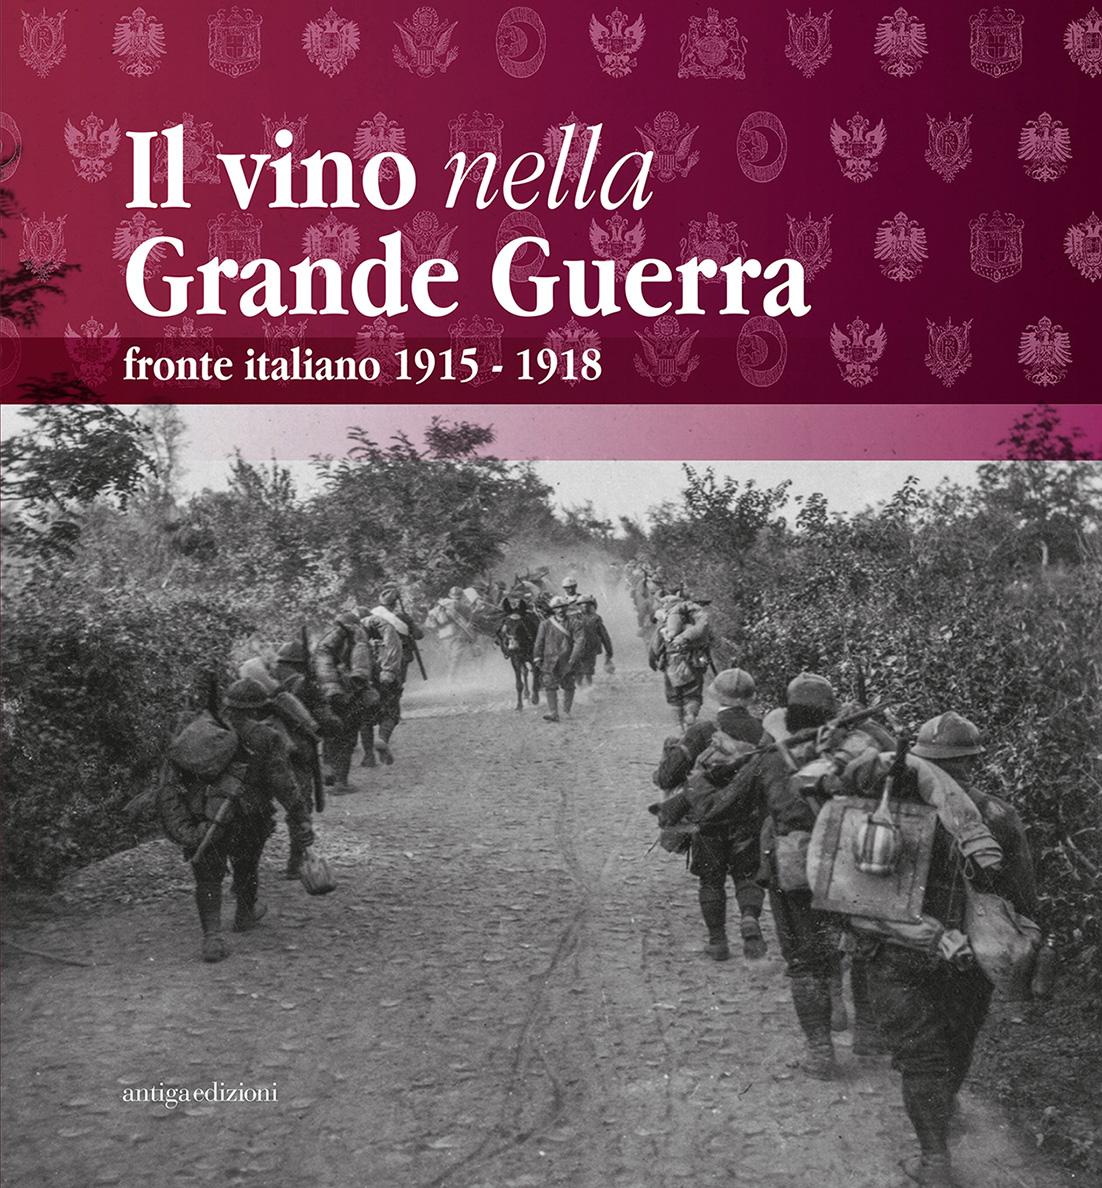 Il_vino_nella_Grande_Guerra